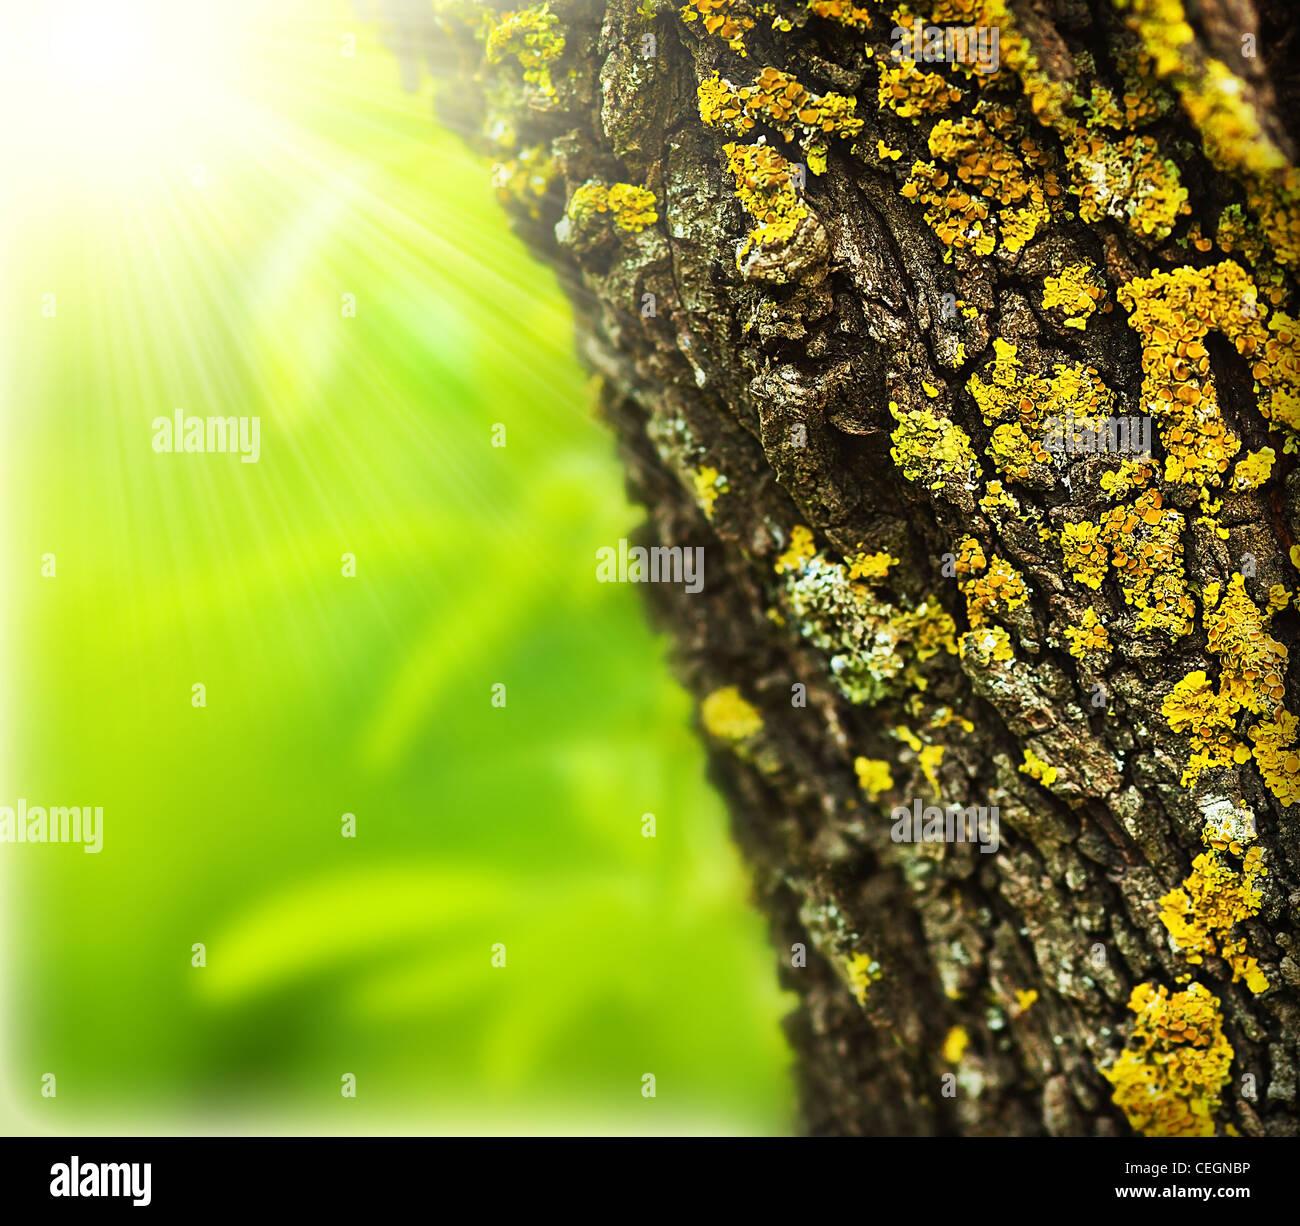 Resumen Antecedentes Spring Forest, cerca de viejo tronco de árbol, soleado día de primavera, hermosa Imagen De Stock